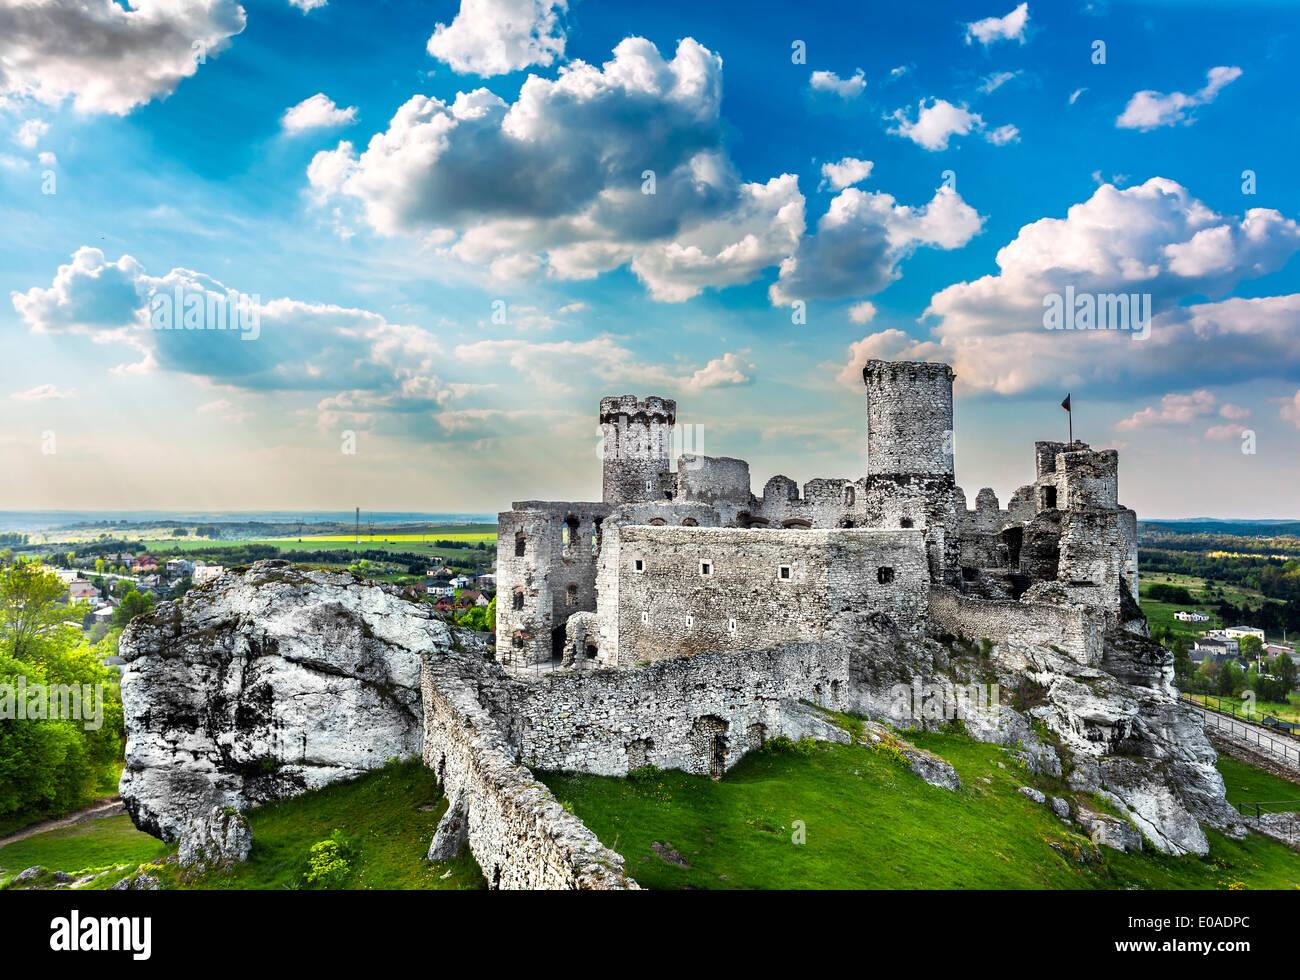 Le rovine di un castello, Ogrodzieniec fortificazioni, Polonia. Immagini Stock